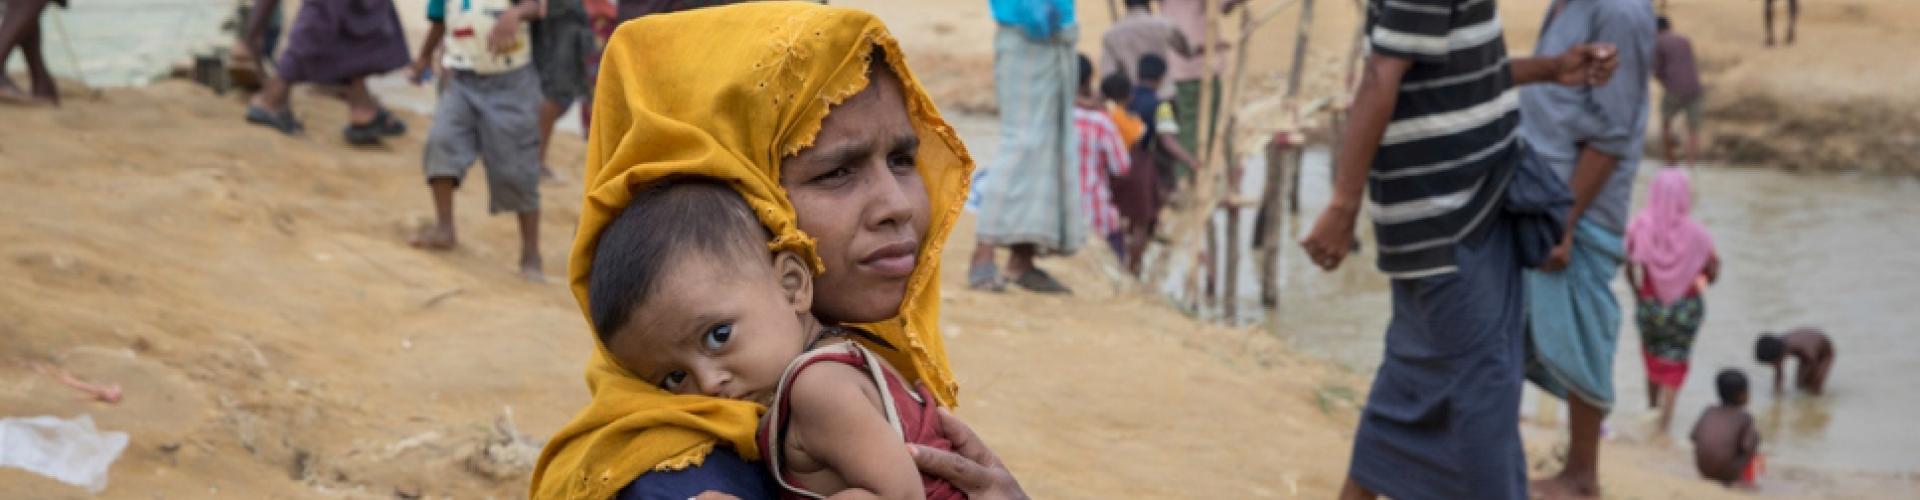 UNHCR เร่งแก้ปัญหาการระบาดของโรคท้องร่วง ในค่ายผู้ลี้ภัยประเทศบังคลาเทศ